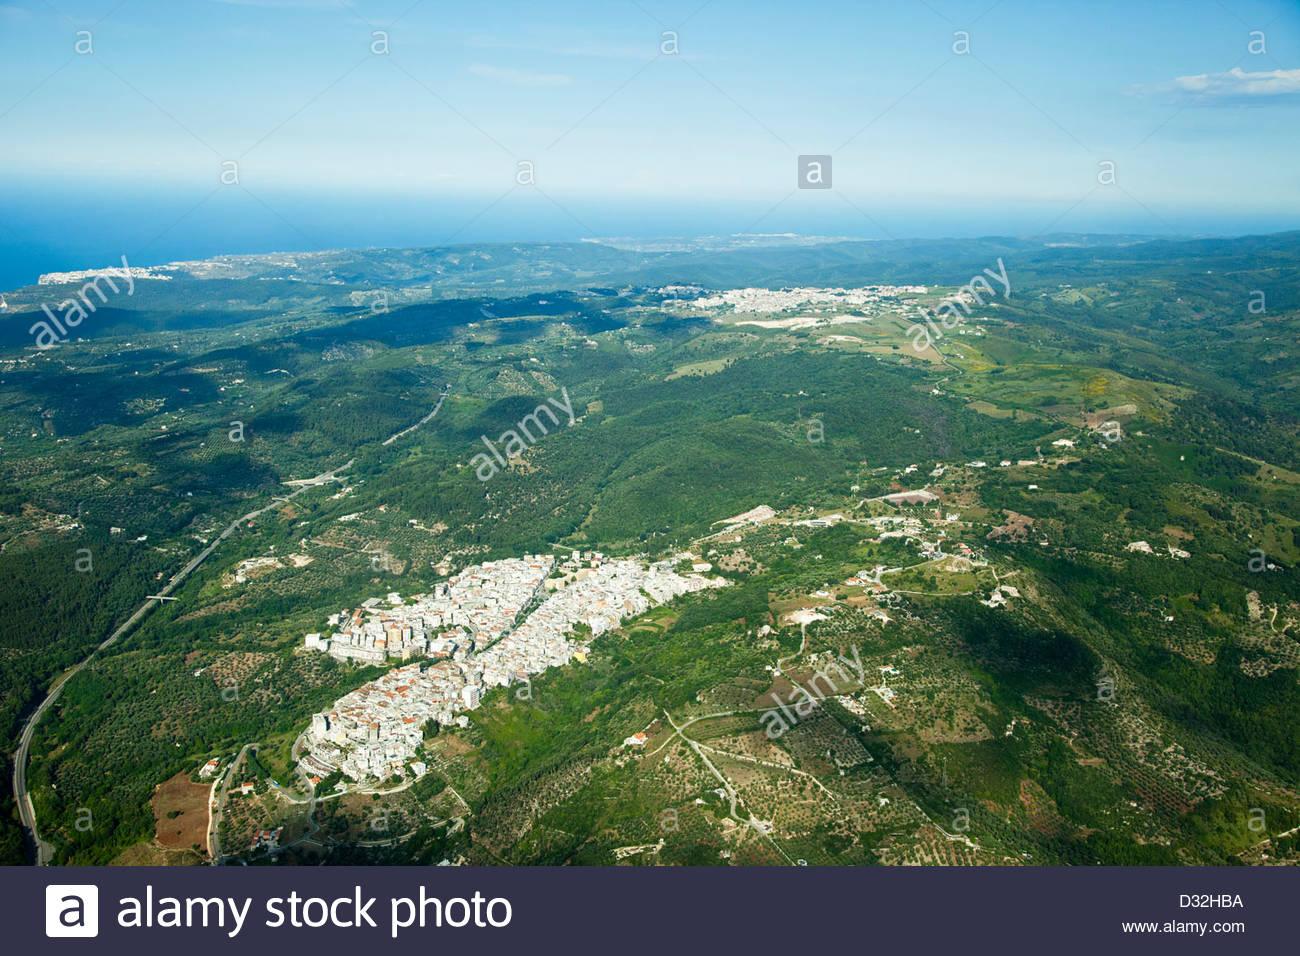 ischitella,vico del gargano,peschici,foresta umbra,parco nazionale del gargano,puglia,italy - Stock Image